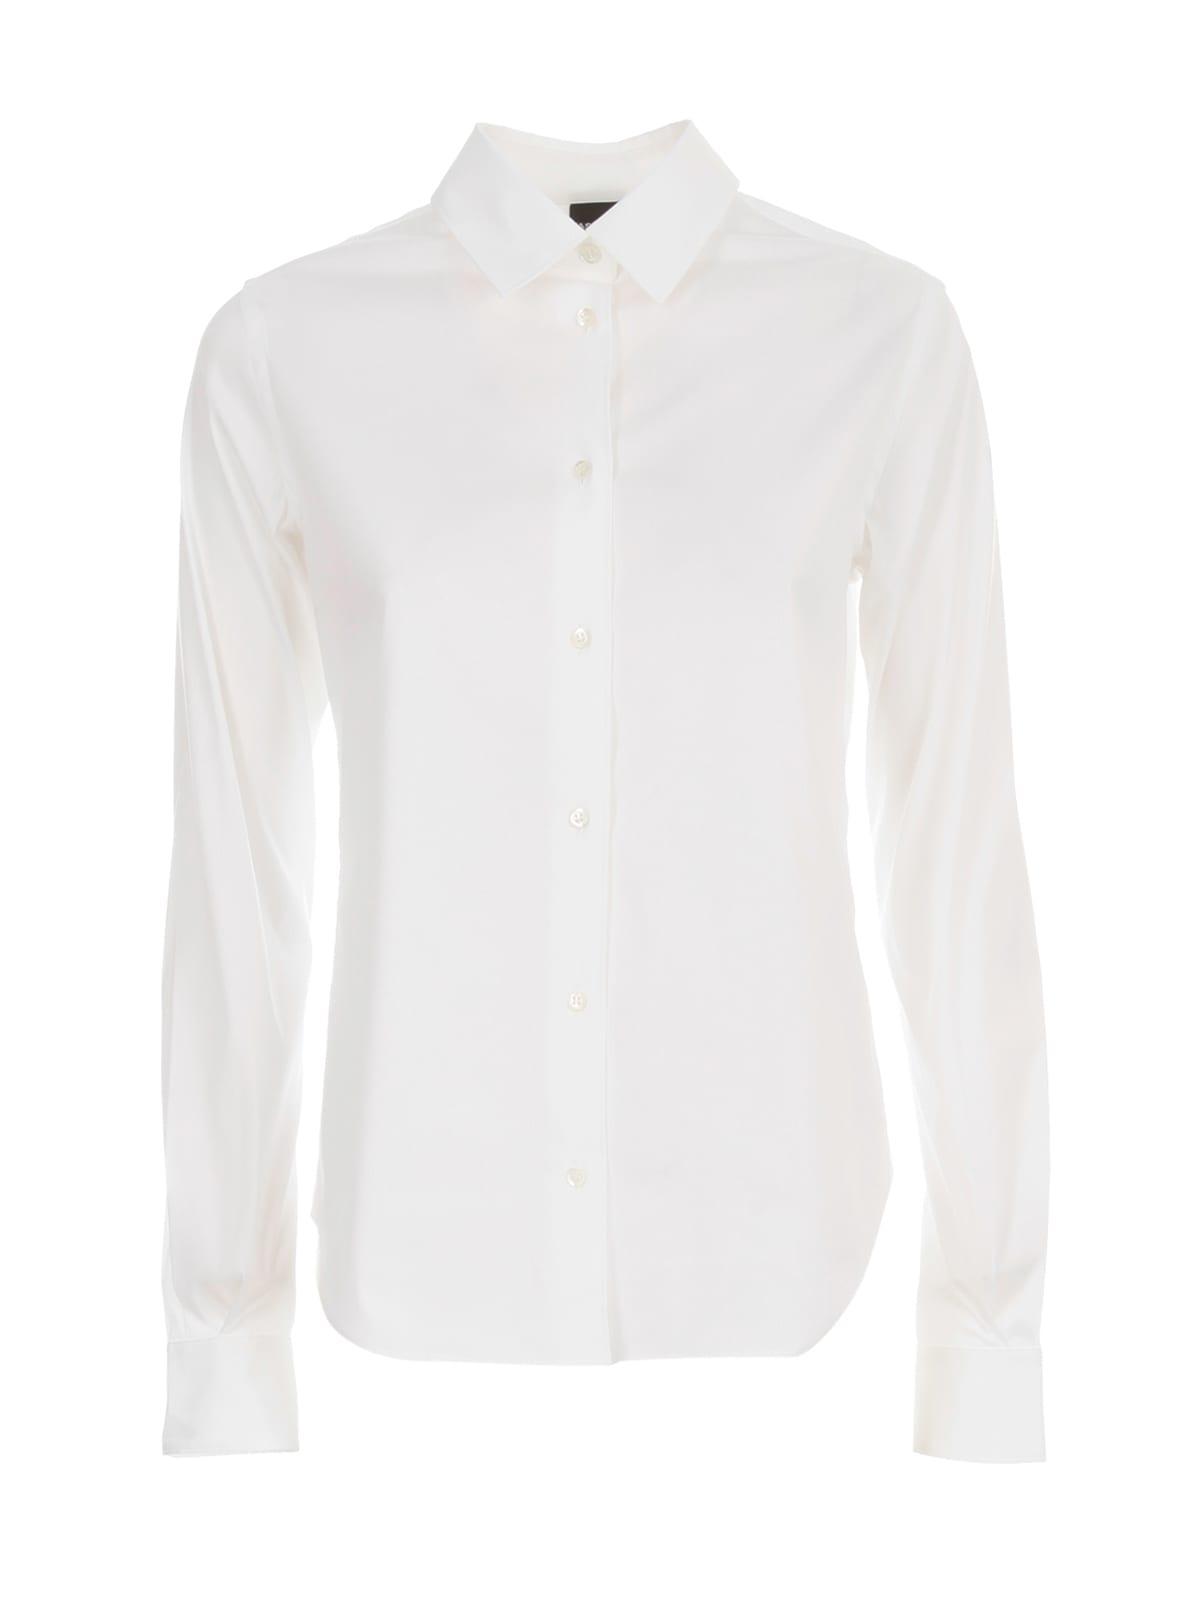 Aspesi Stretch L/s Shirt In White